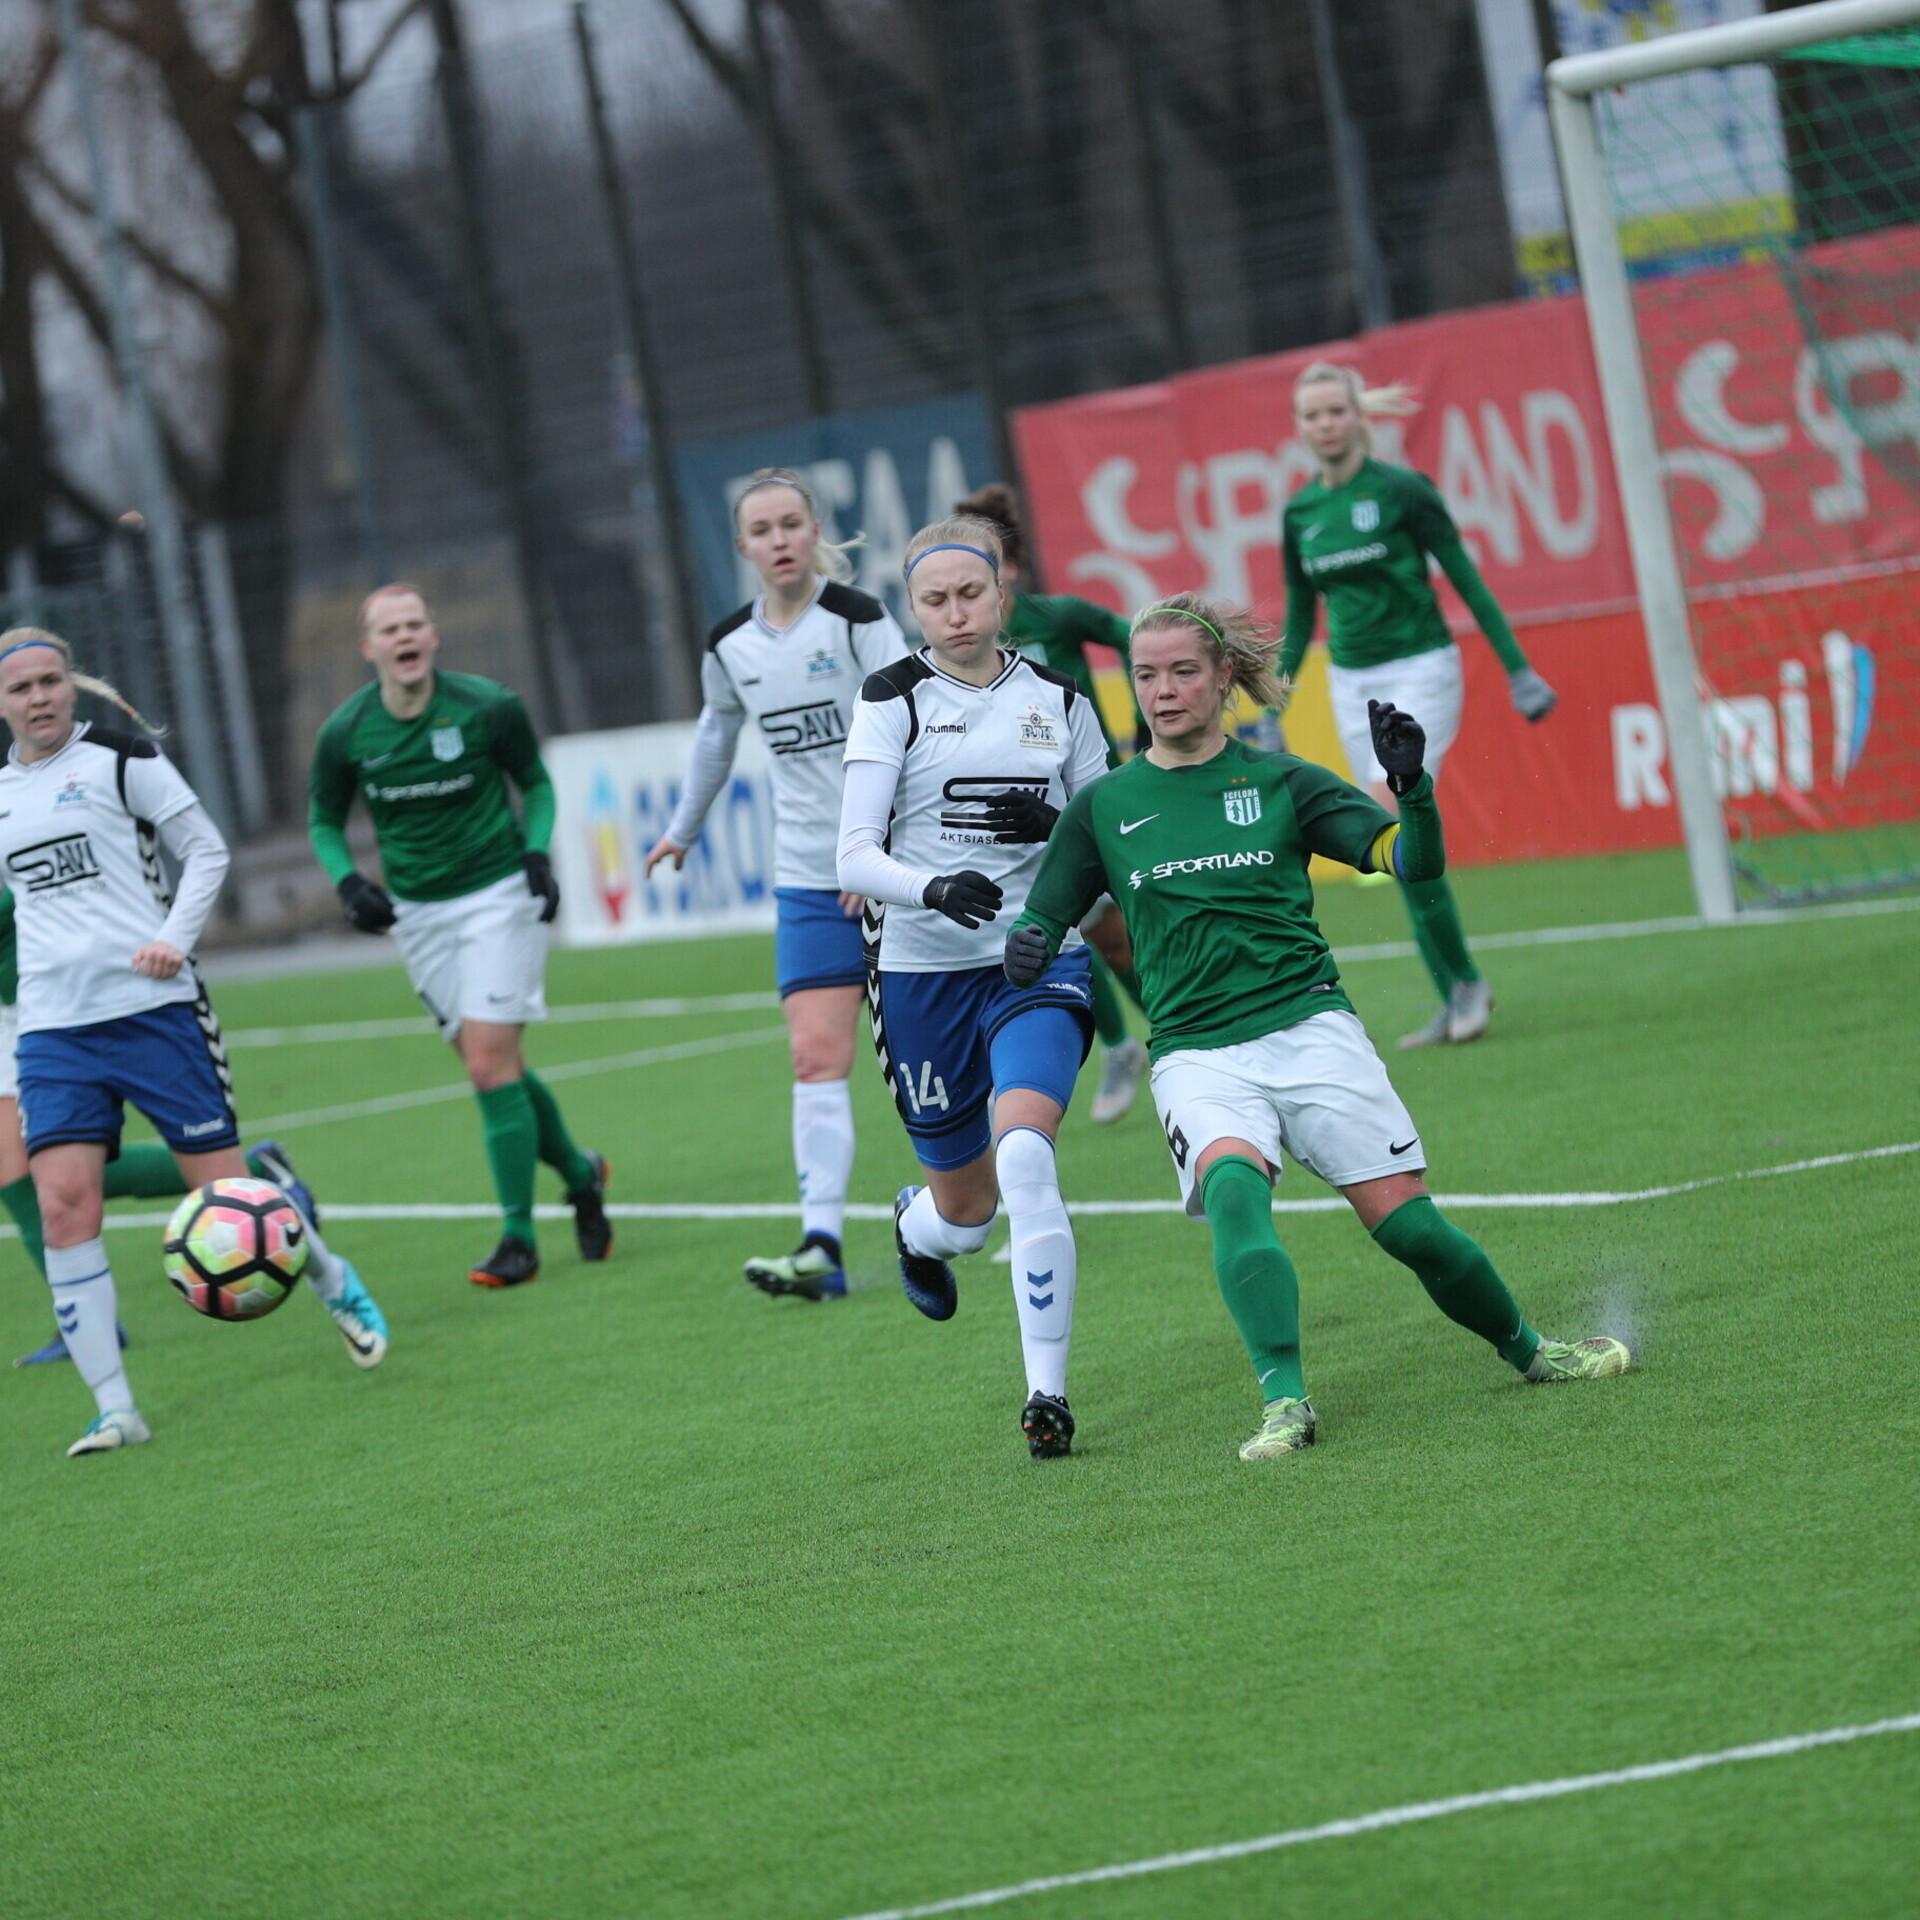 f0358d8a526 Täna pannakse pall mängu naiste jalgpalli meistriliigas | Jalgpall | ERR